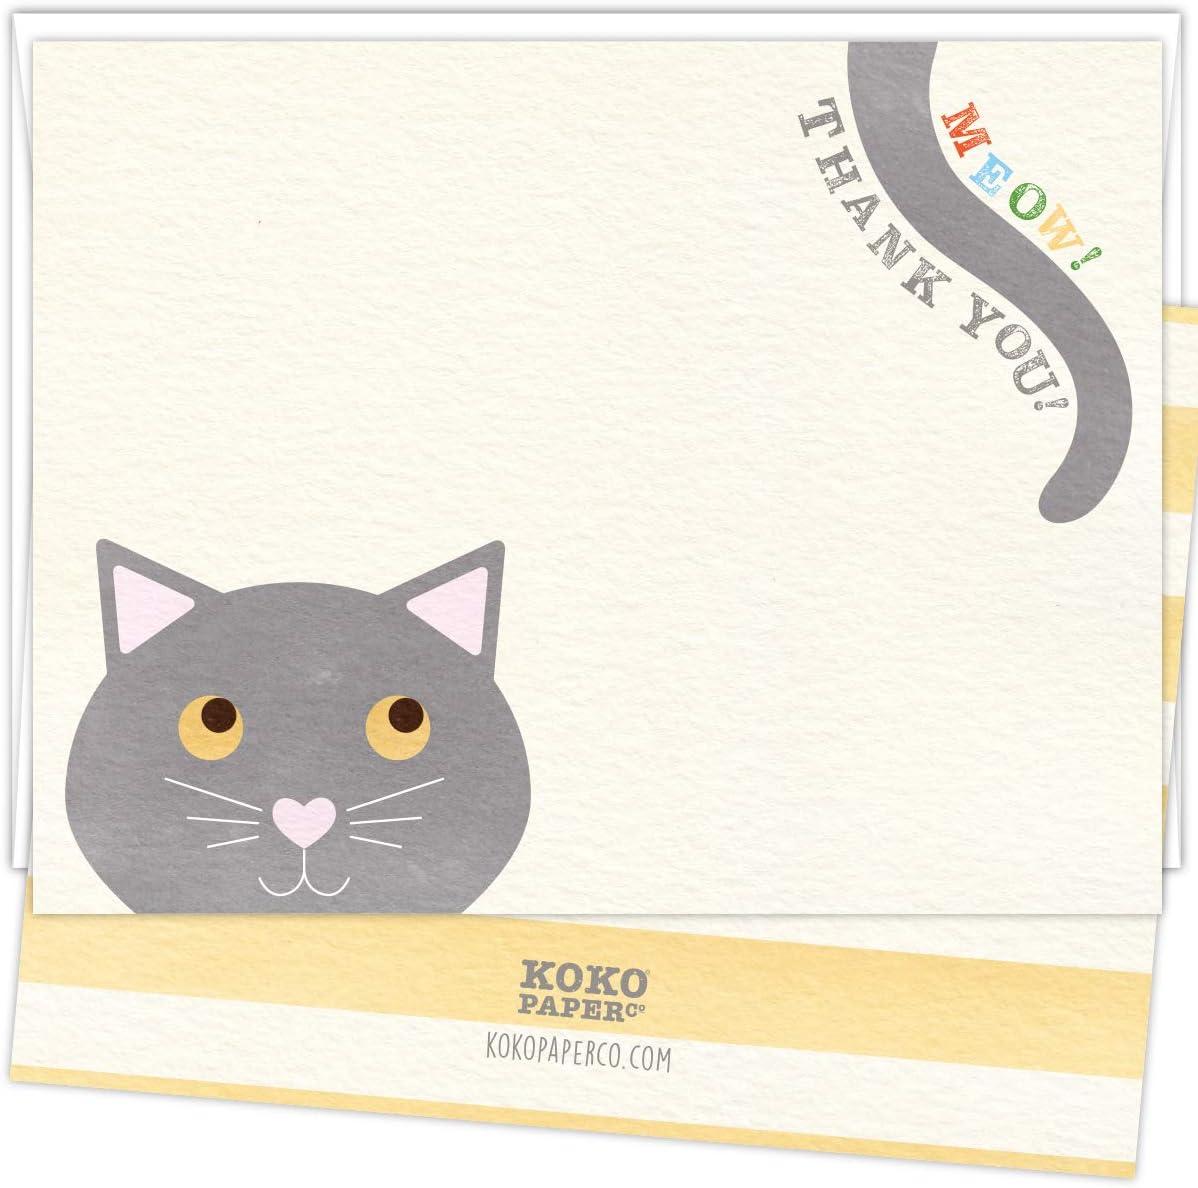 코코 페이퍼 코 야옹  감사합니다  고양이 는 당신에게 카드를 감사합니다. 25 장의 카드와 흰색 봉투 세트. 푸르 -FECT 방법 감사합니다 말을